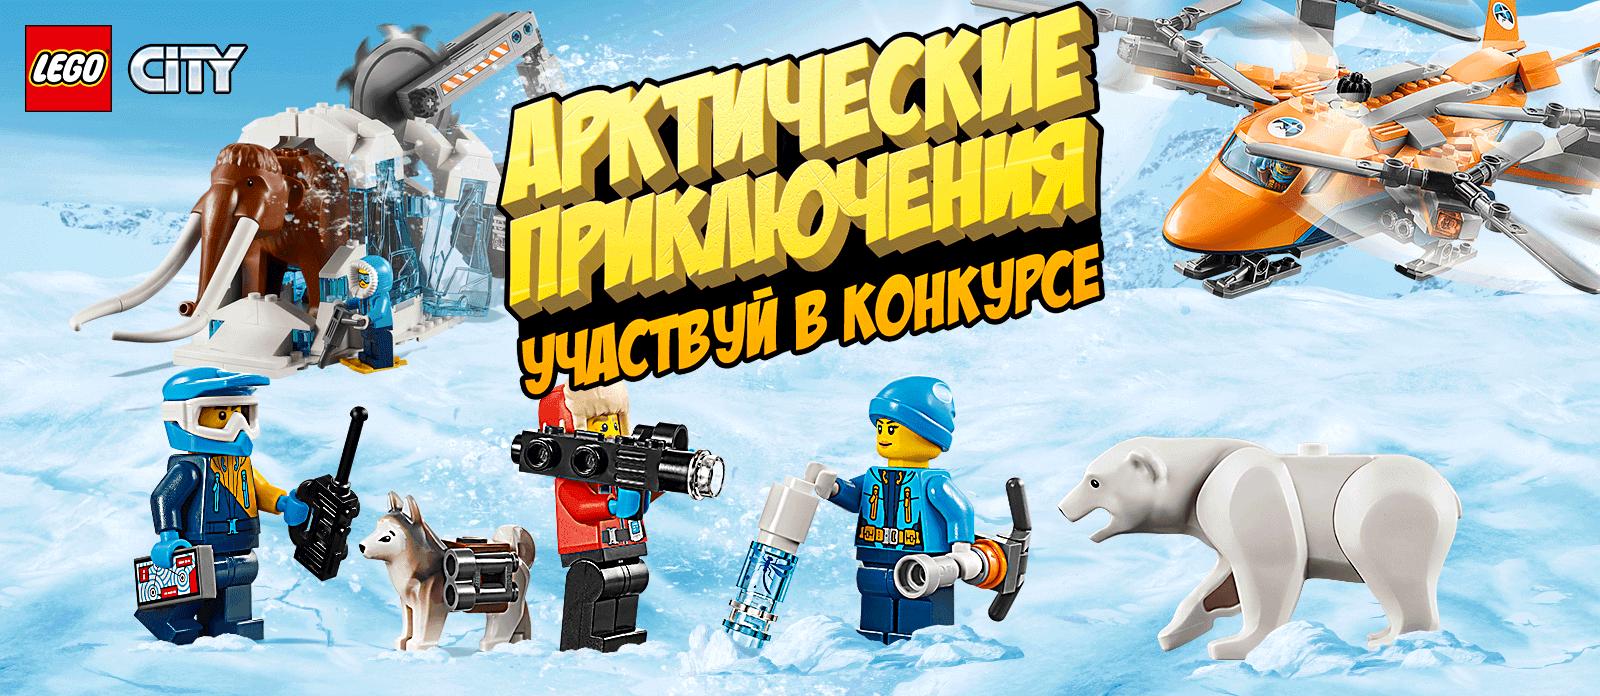 Арктические приключения